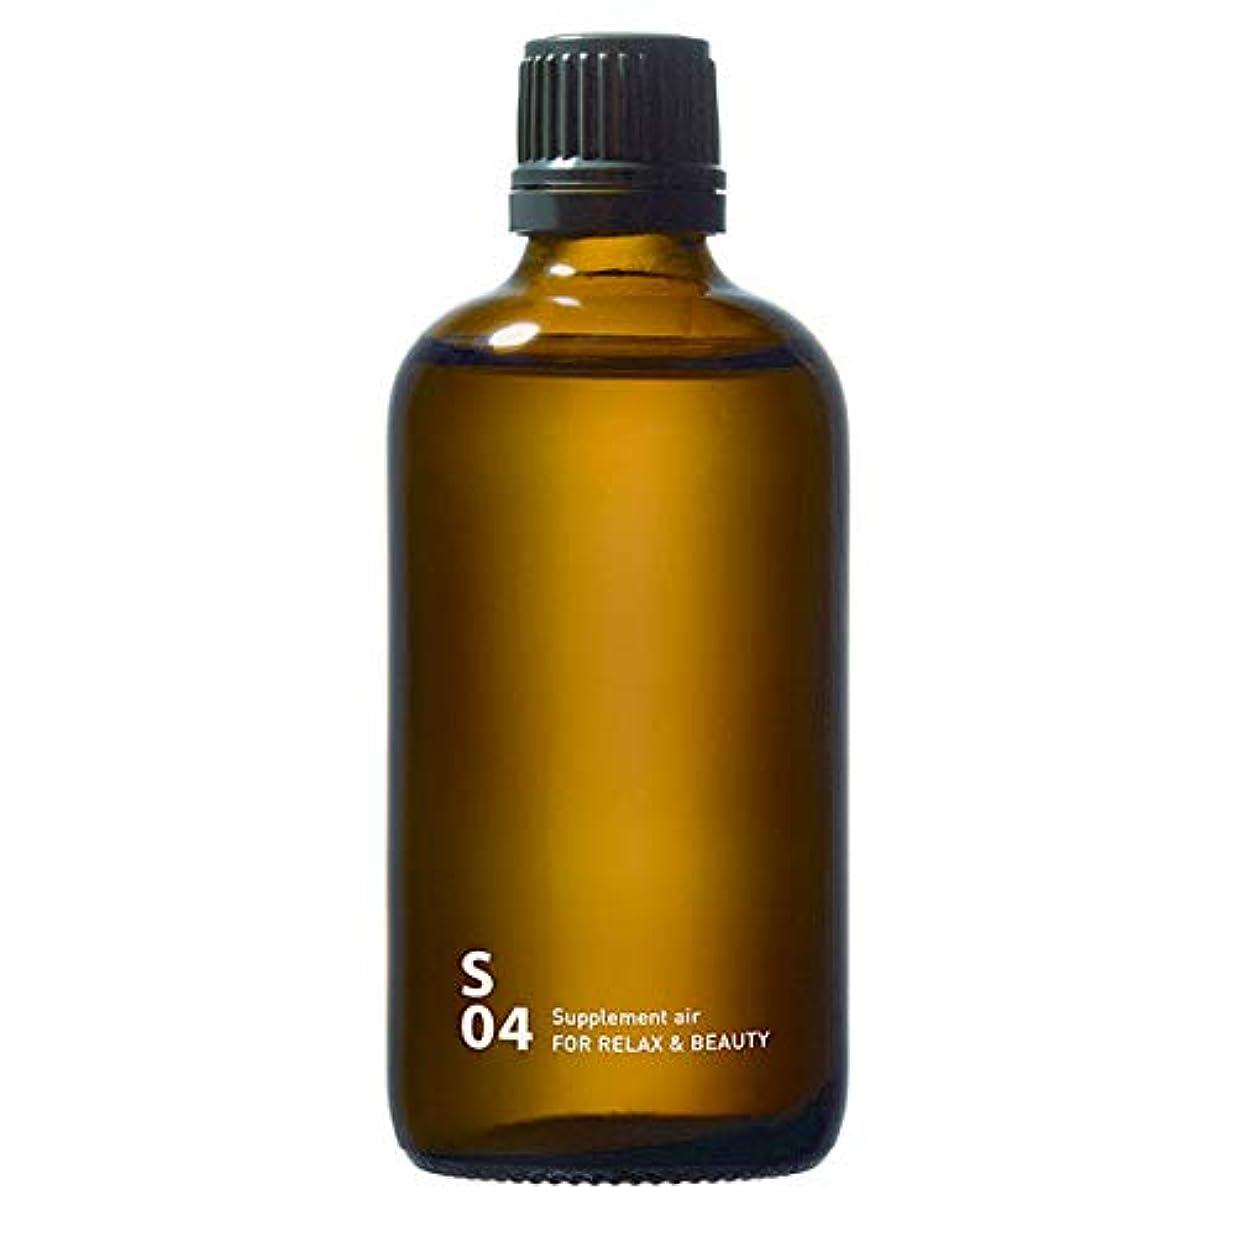 辞書凍結恥ずかしさS04 FOR RELAX & BEAUTY piezo aroma oil 100ml